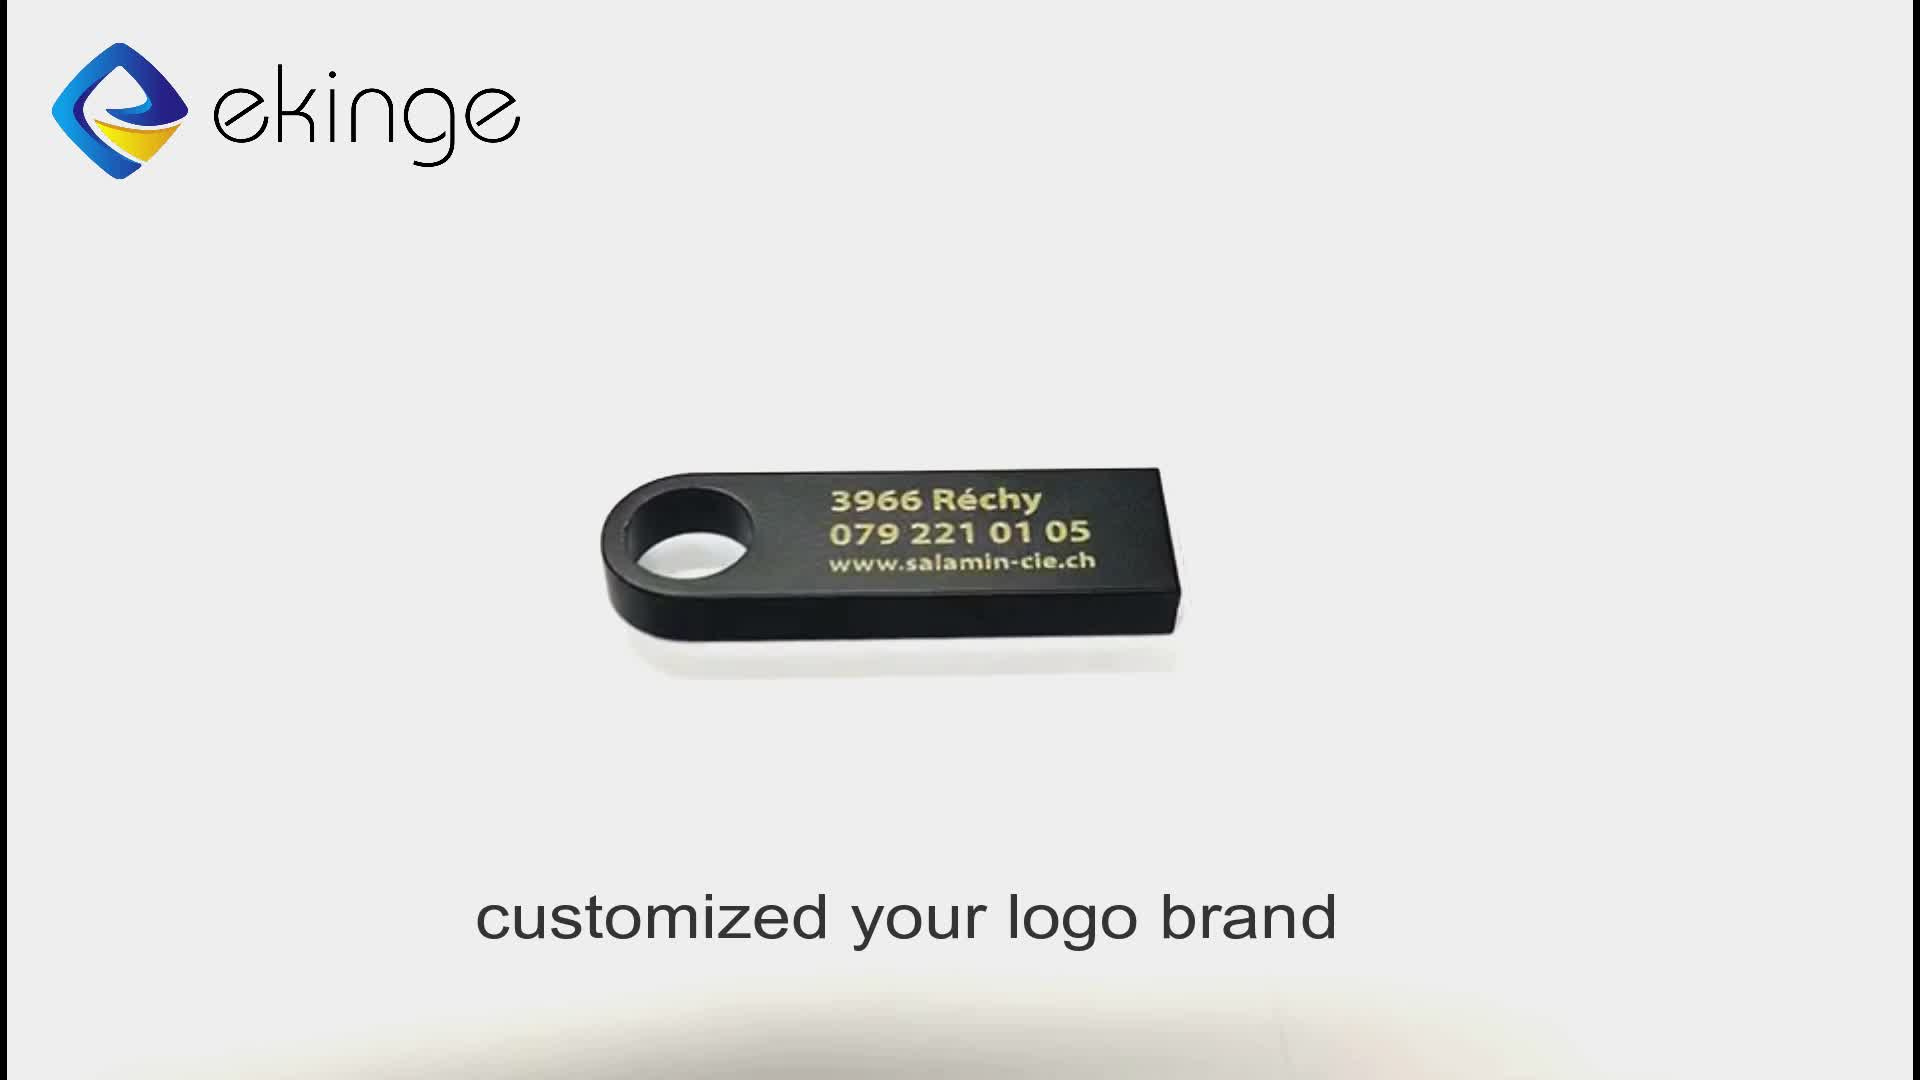 Promo piccoli doni pendrive 3.0 8 gb 16 gb chiave del metallo usb pen drive 32 gb 64 gb memory stick con inciso su misura stampa di marchio